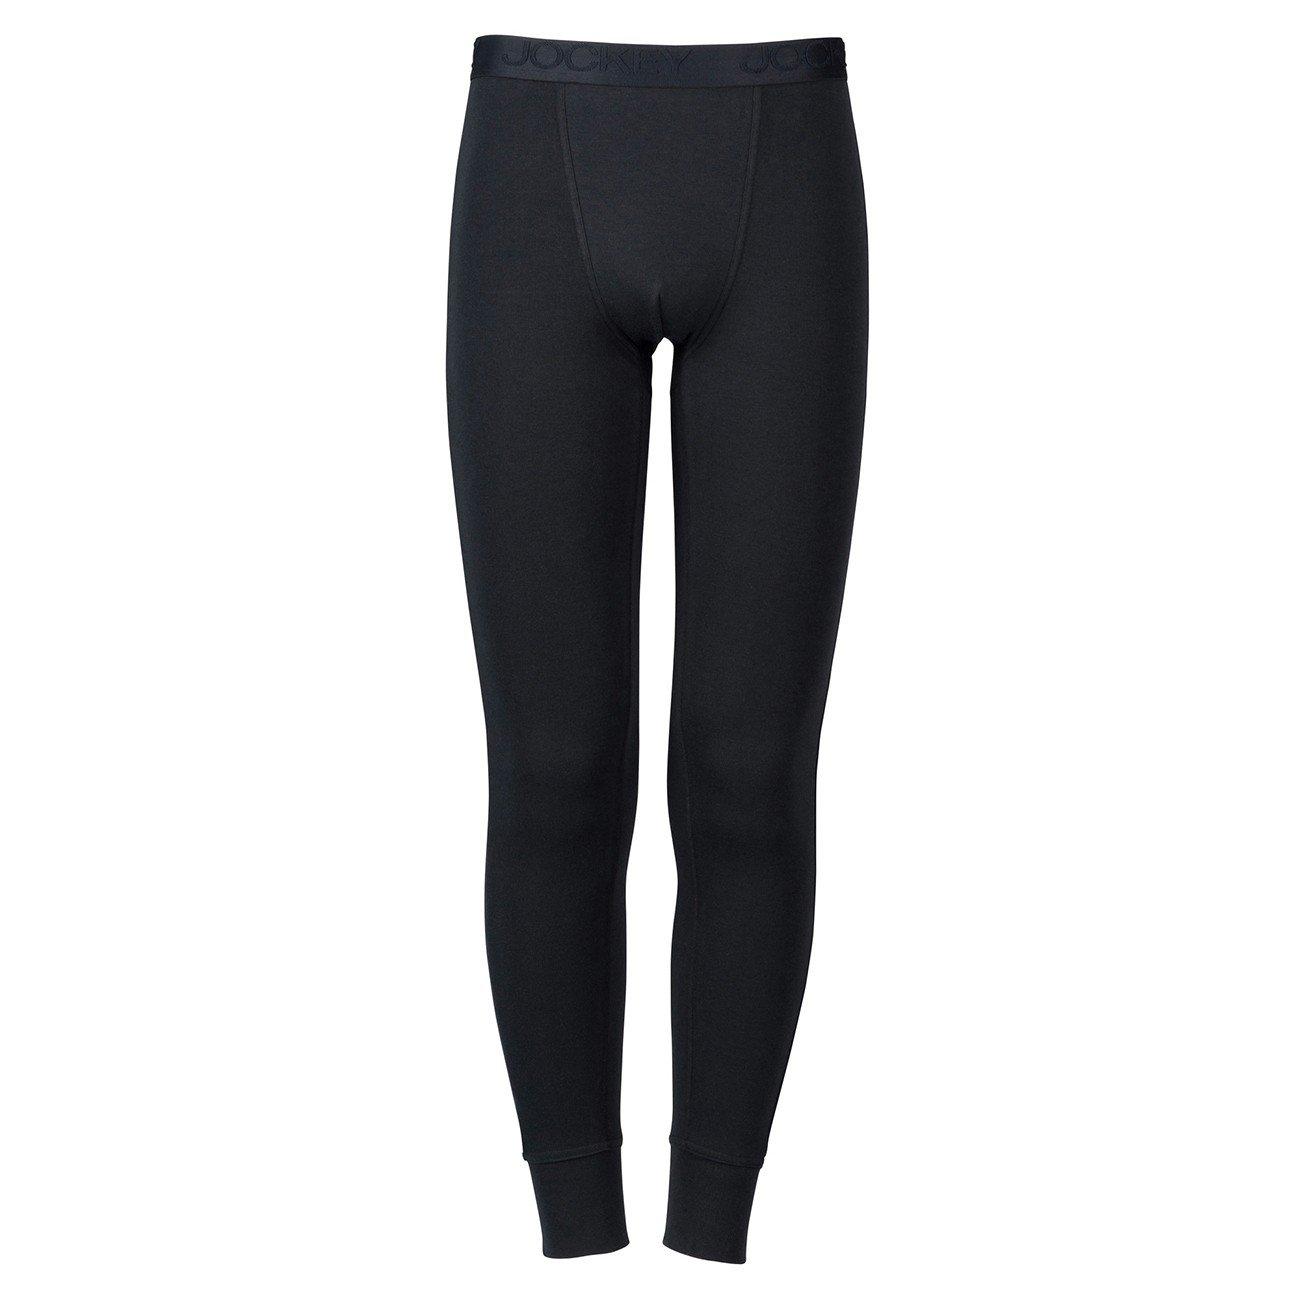 Jockey - Pantaloni termici - Long John - uomo